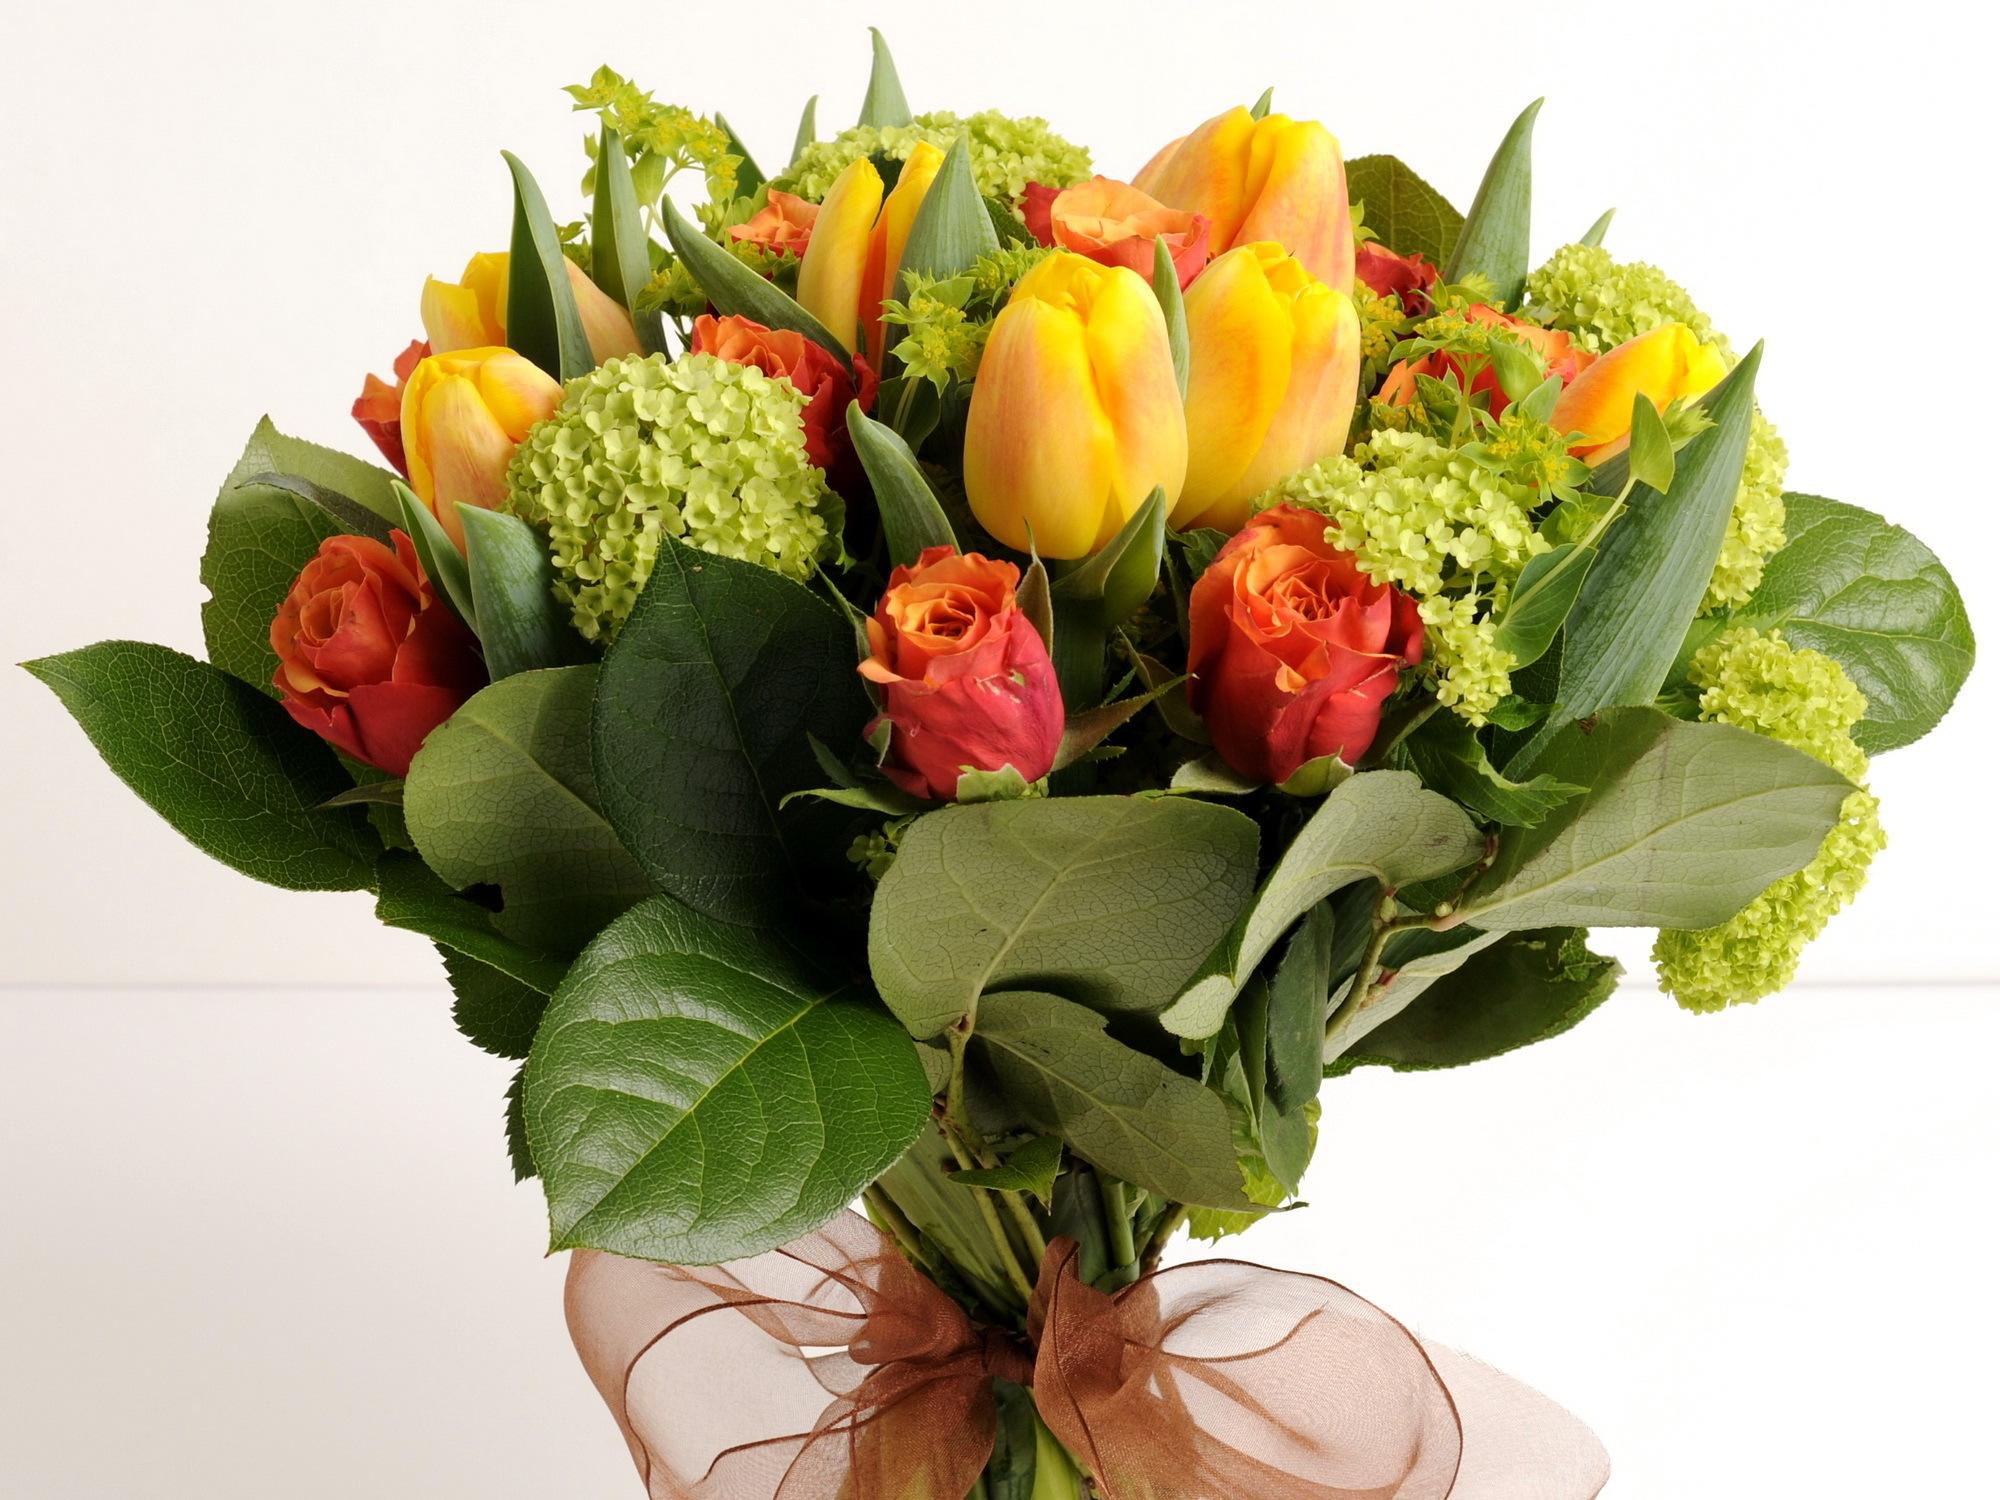 Картинки цветов тюльпанов и роз, соболезнование поводу